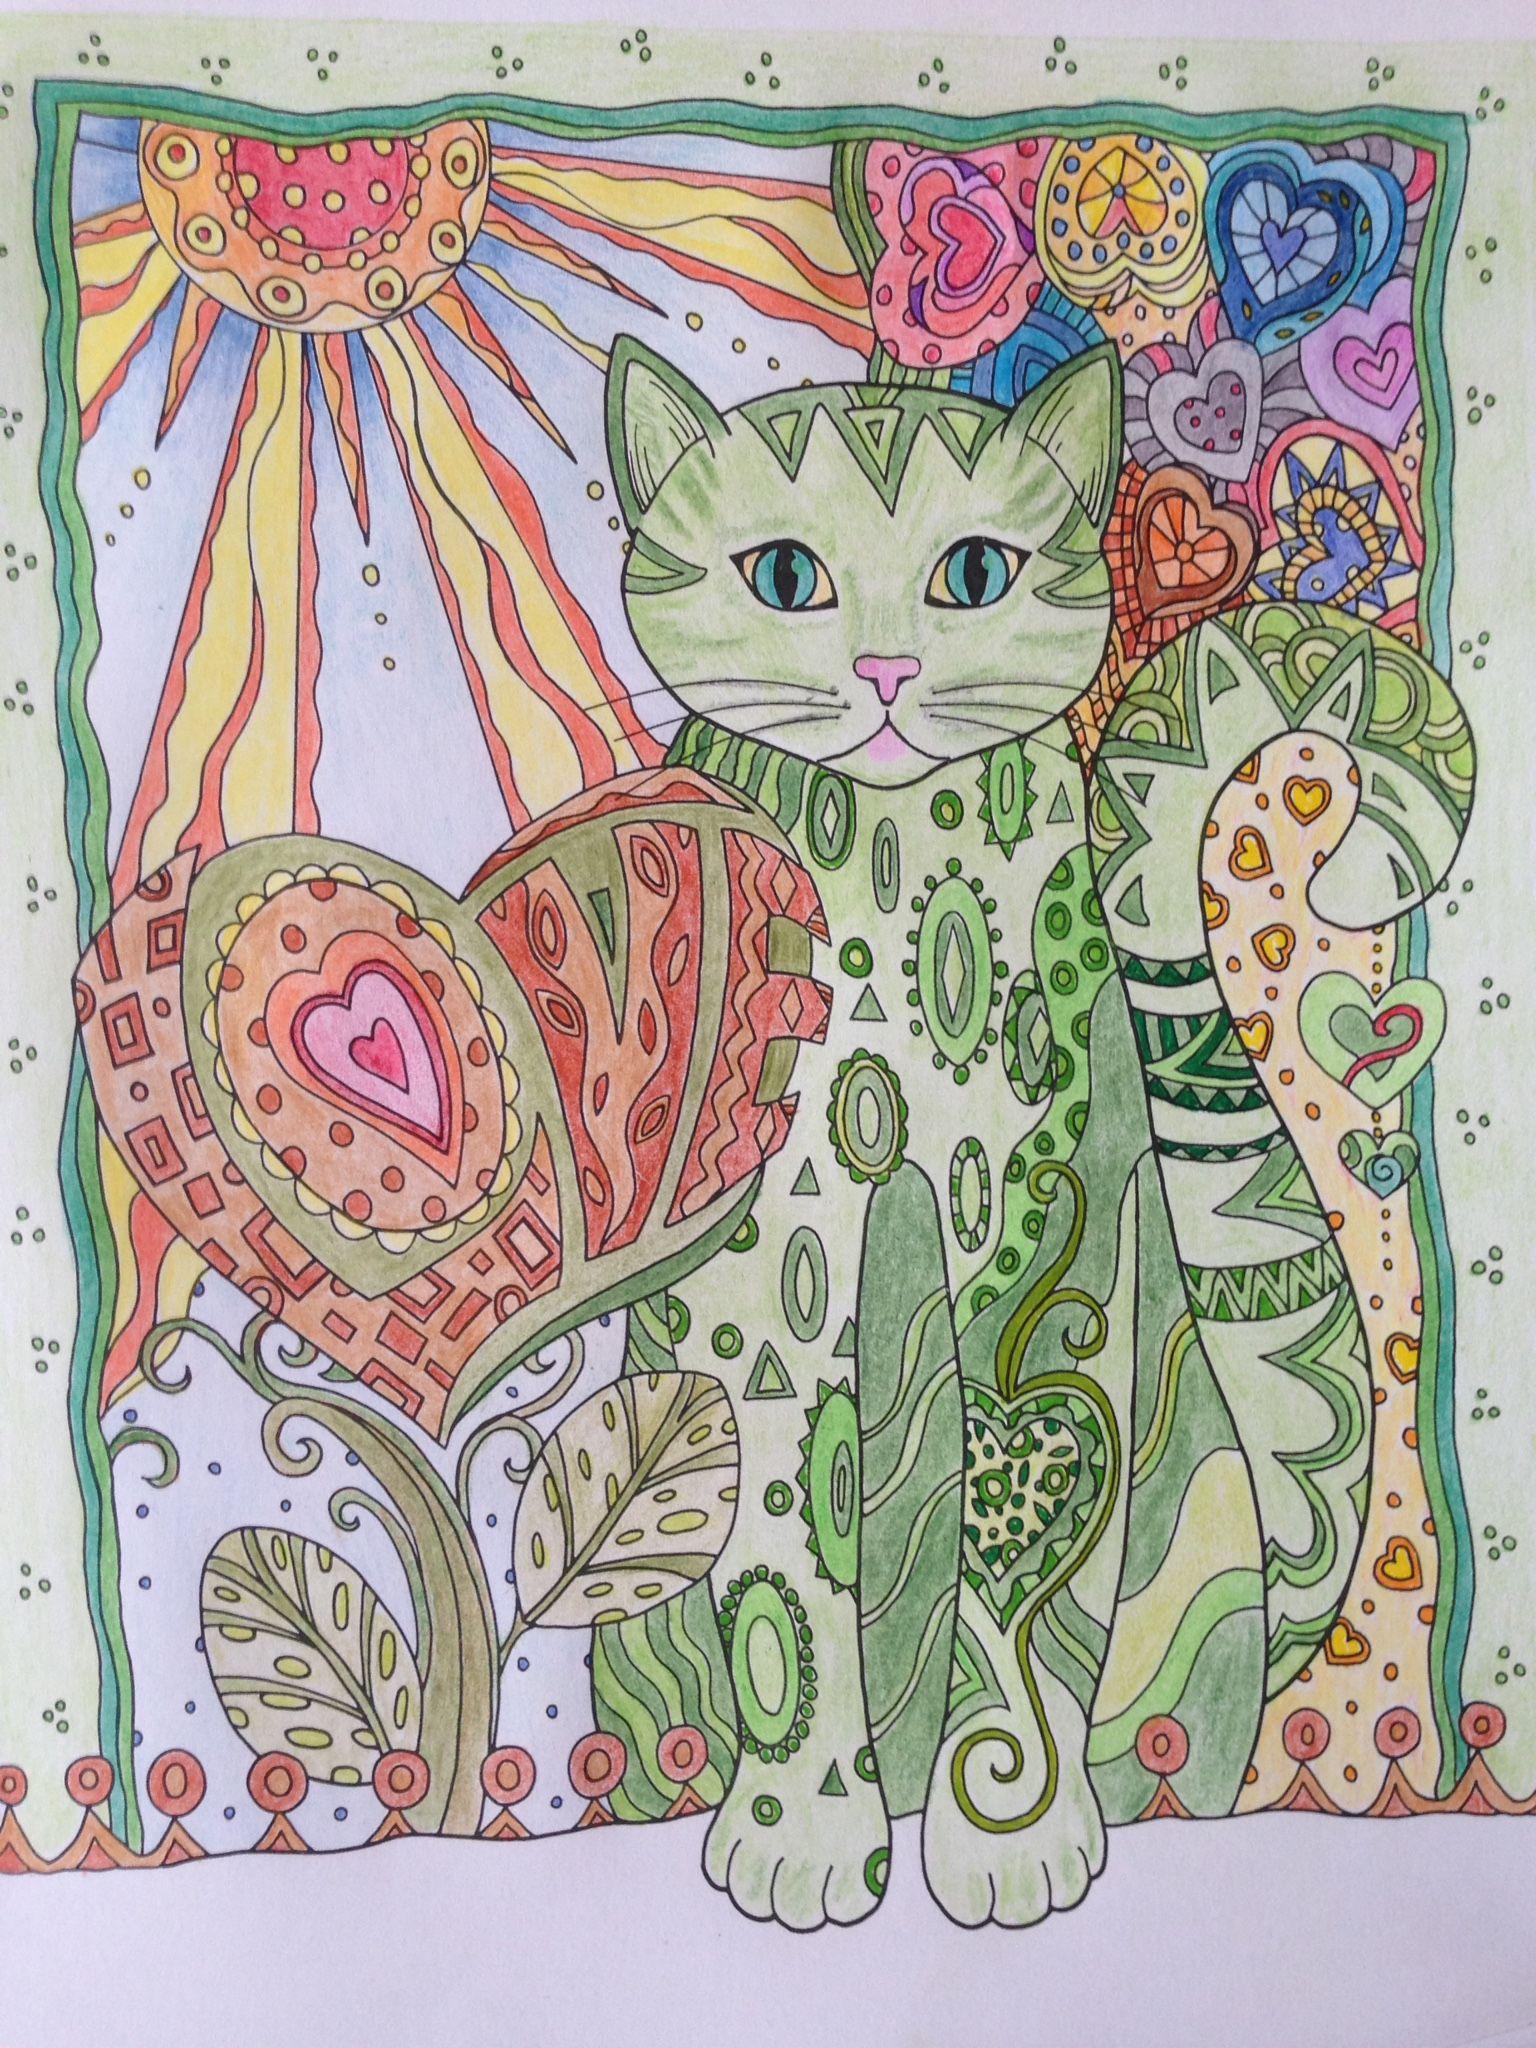 Ziemlich Süße Anime Katze Malvorlagen Galerie - Malvorlagen Von ...